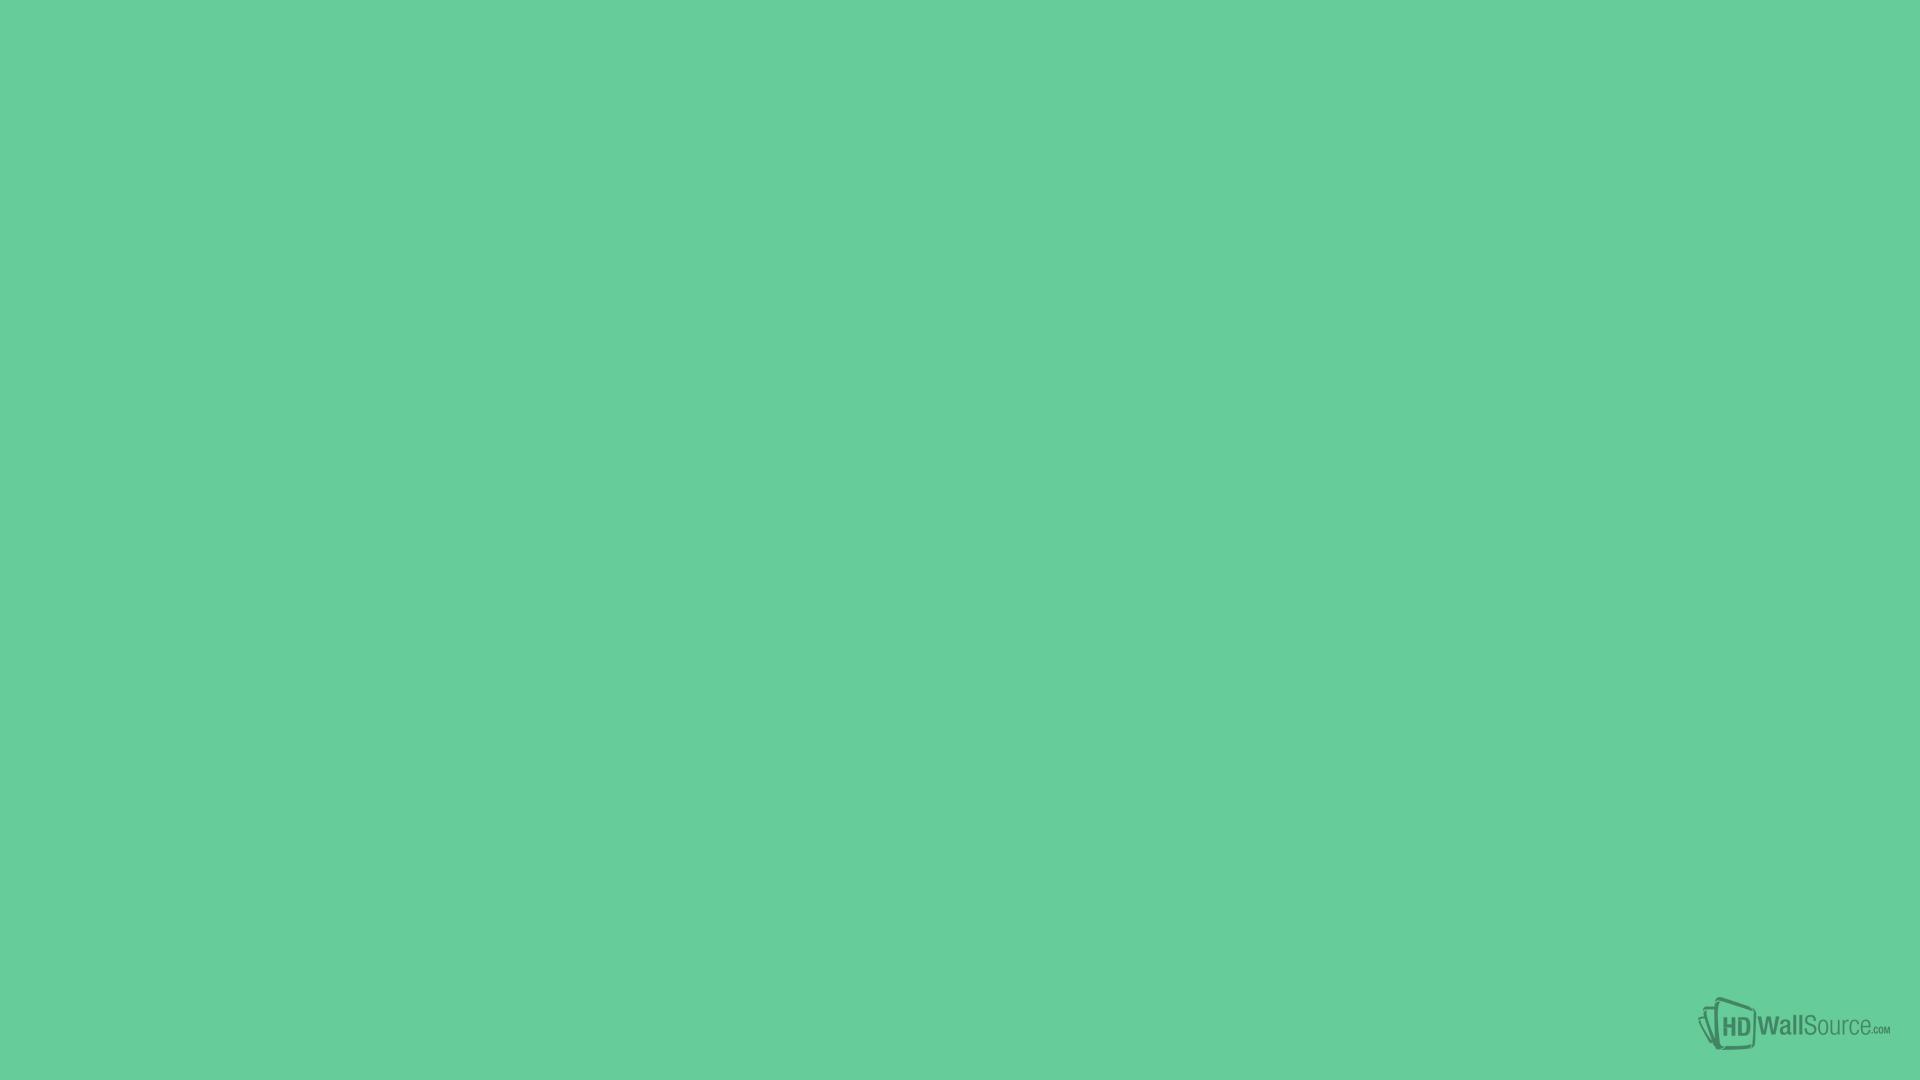 66cc99 wallpaper 71084